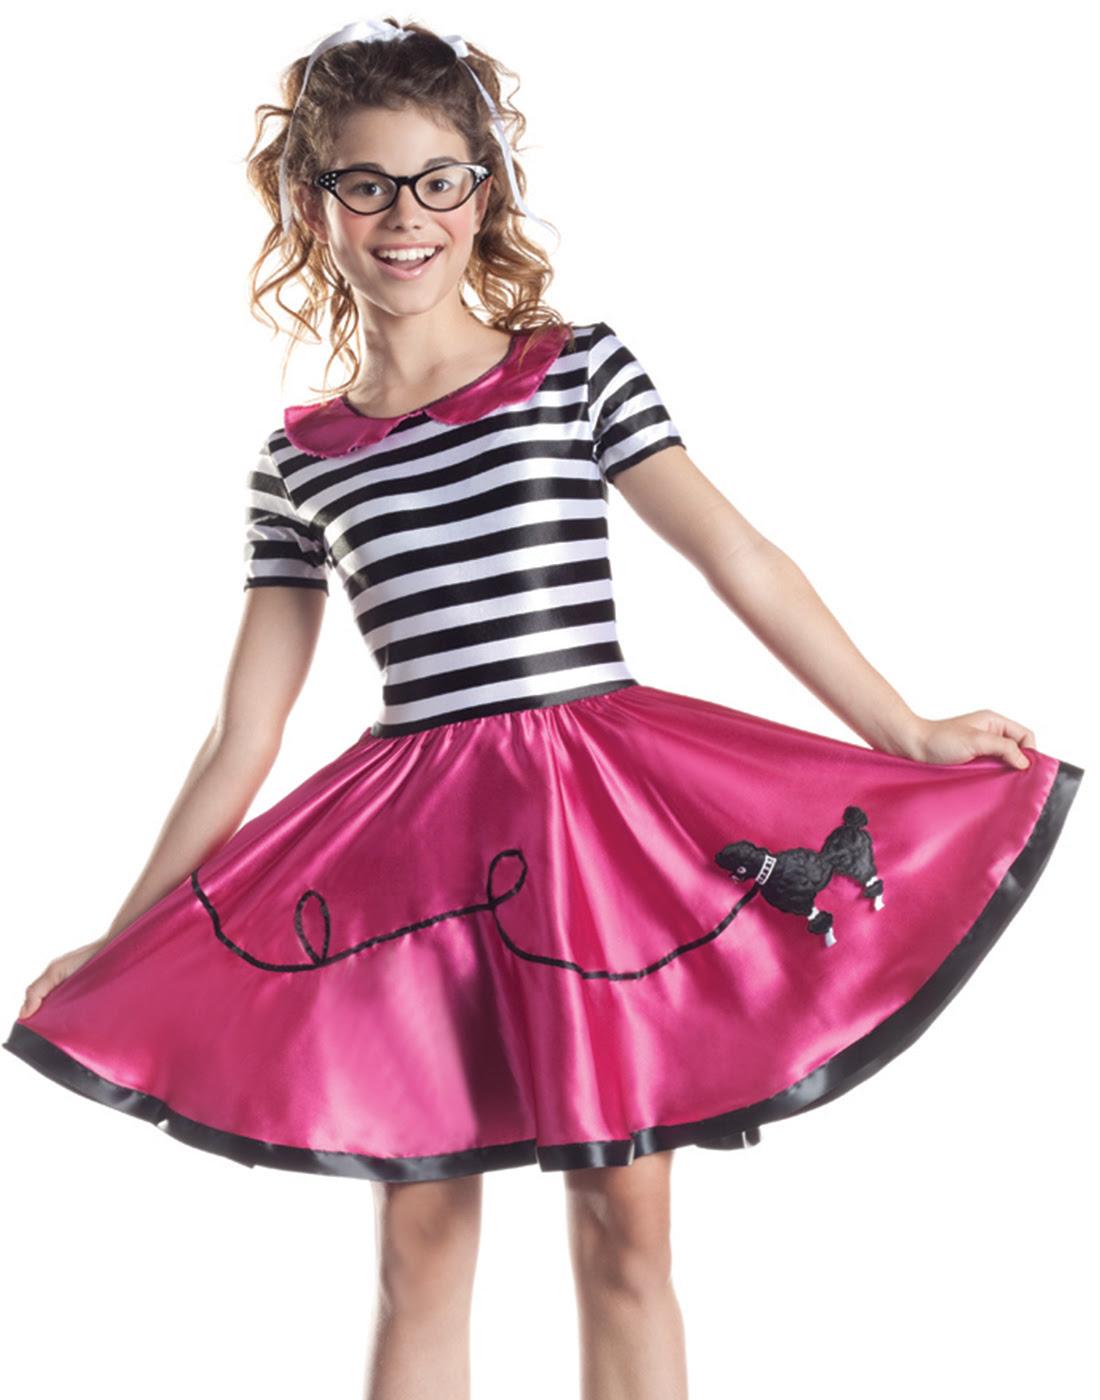 poodle skirt 1950's grease car hop girls fancy dress